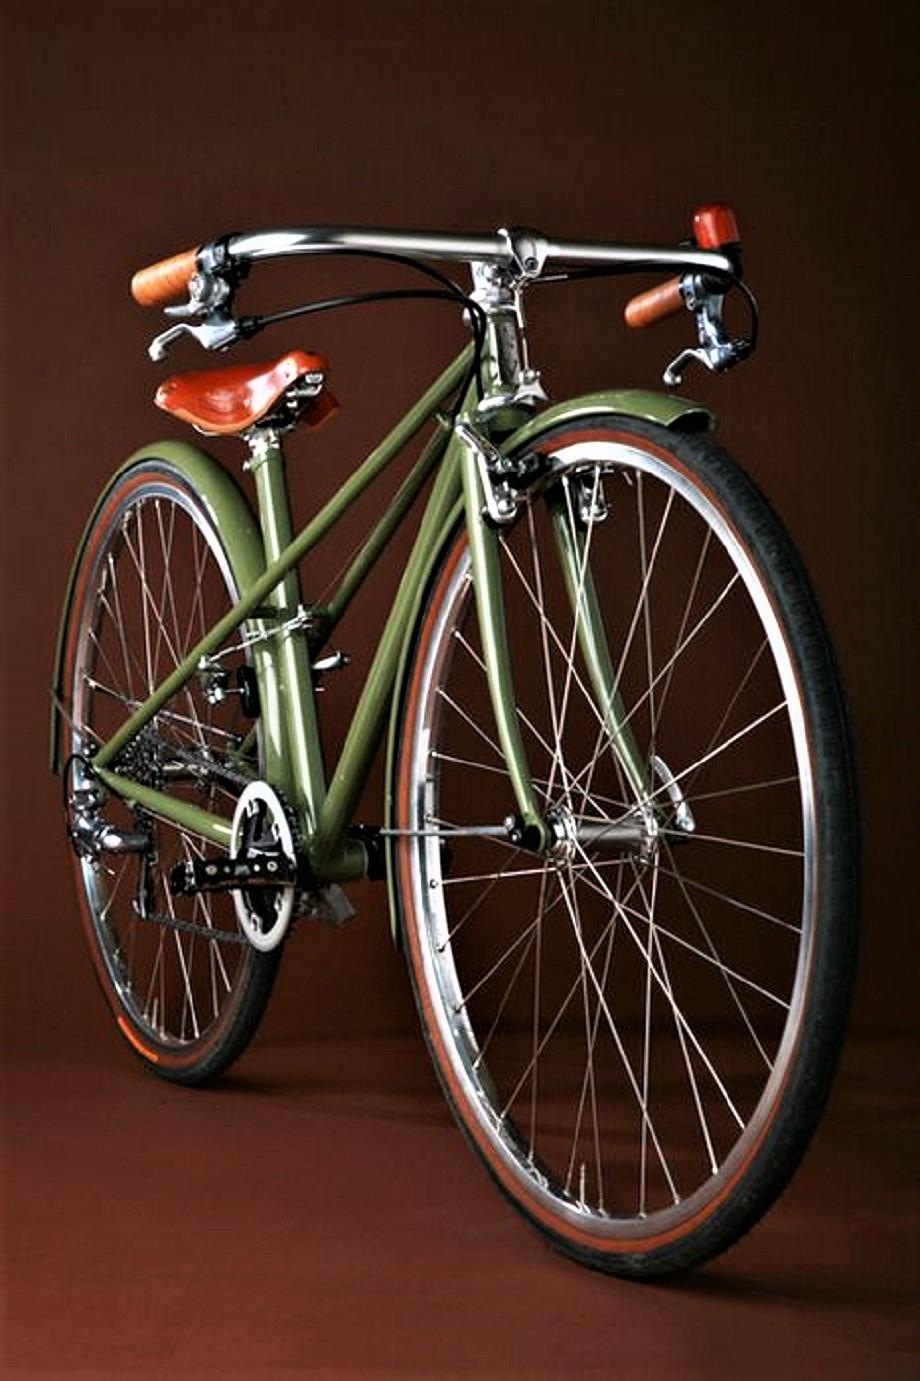 Le biciclette della mia gioventù, se ne vedevano di molto belle, davvero.